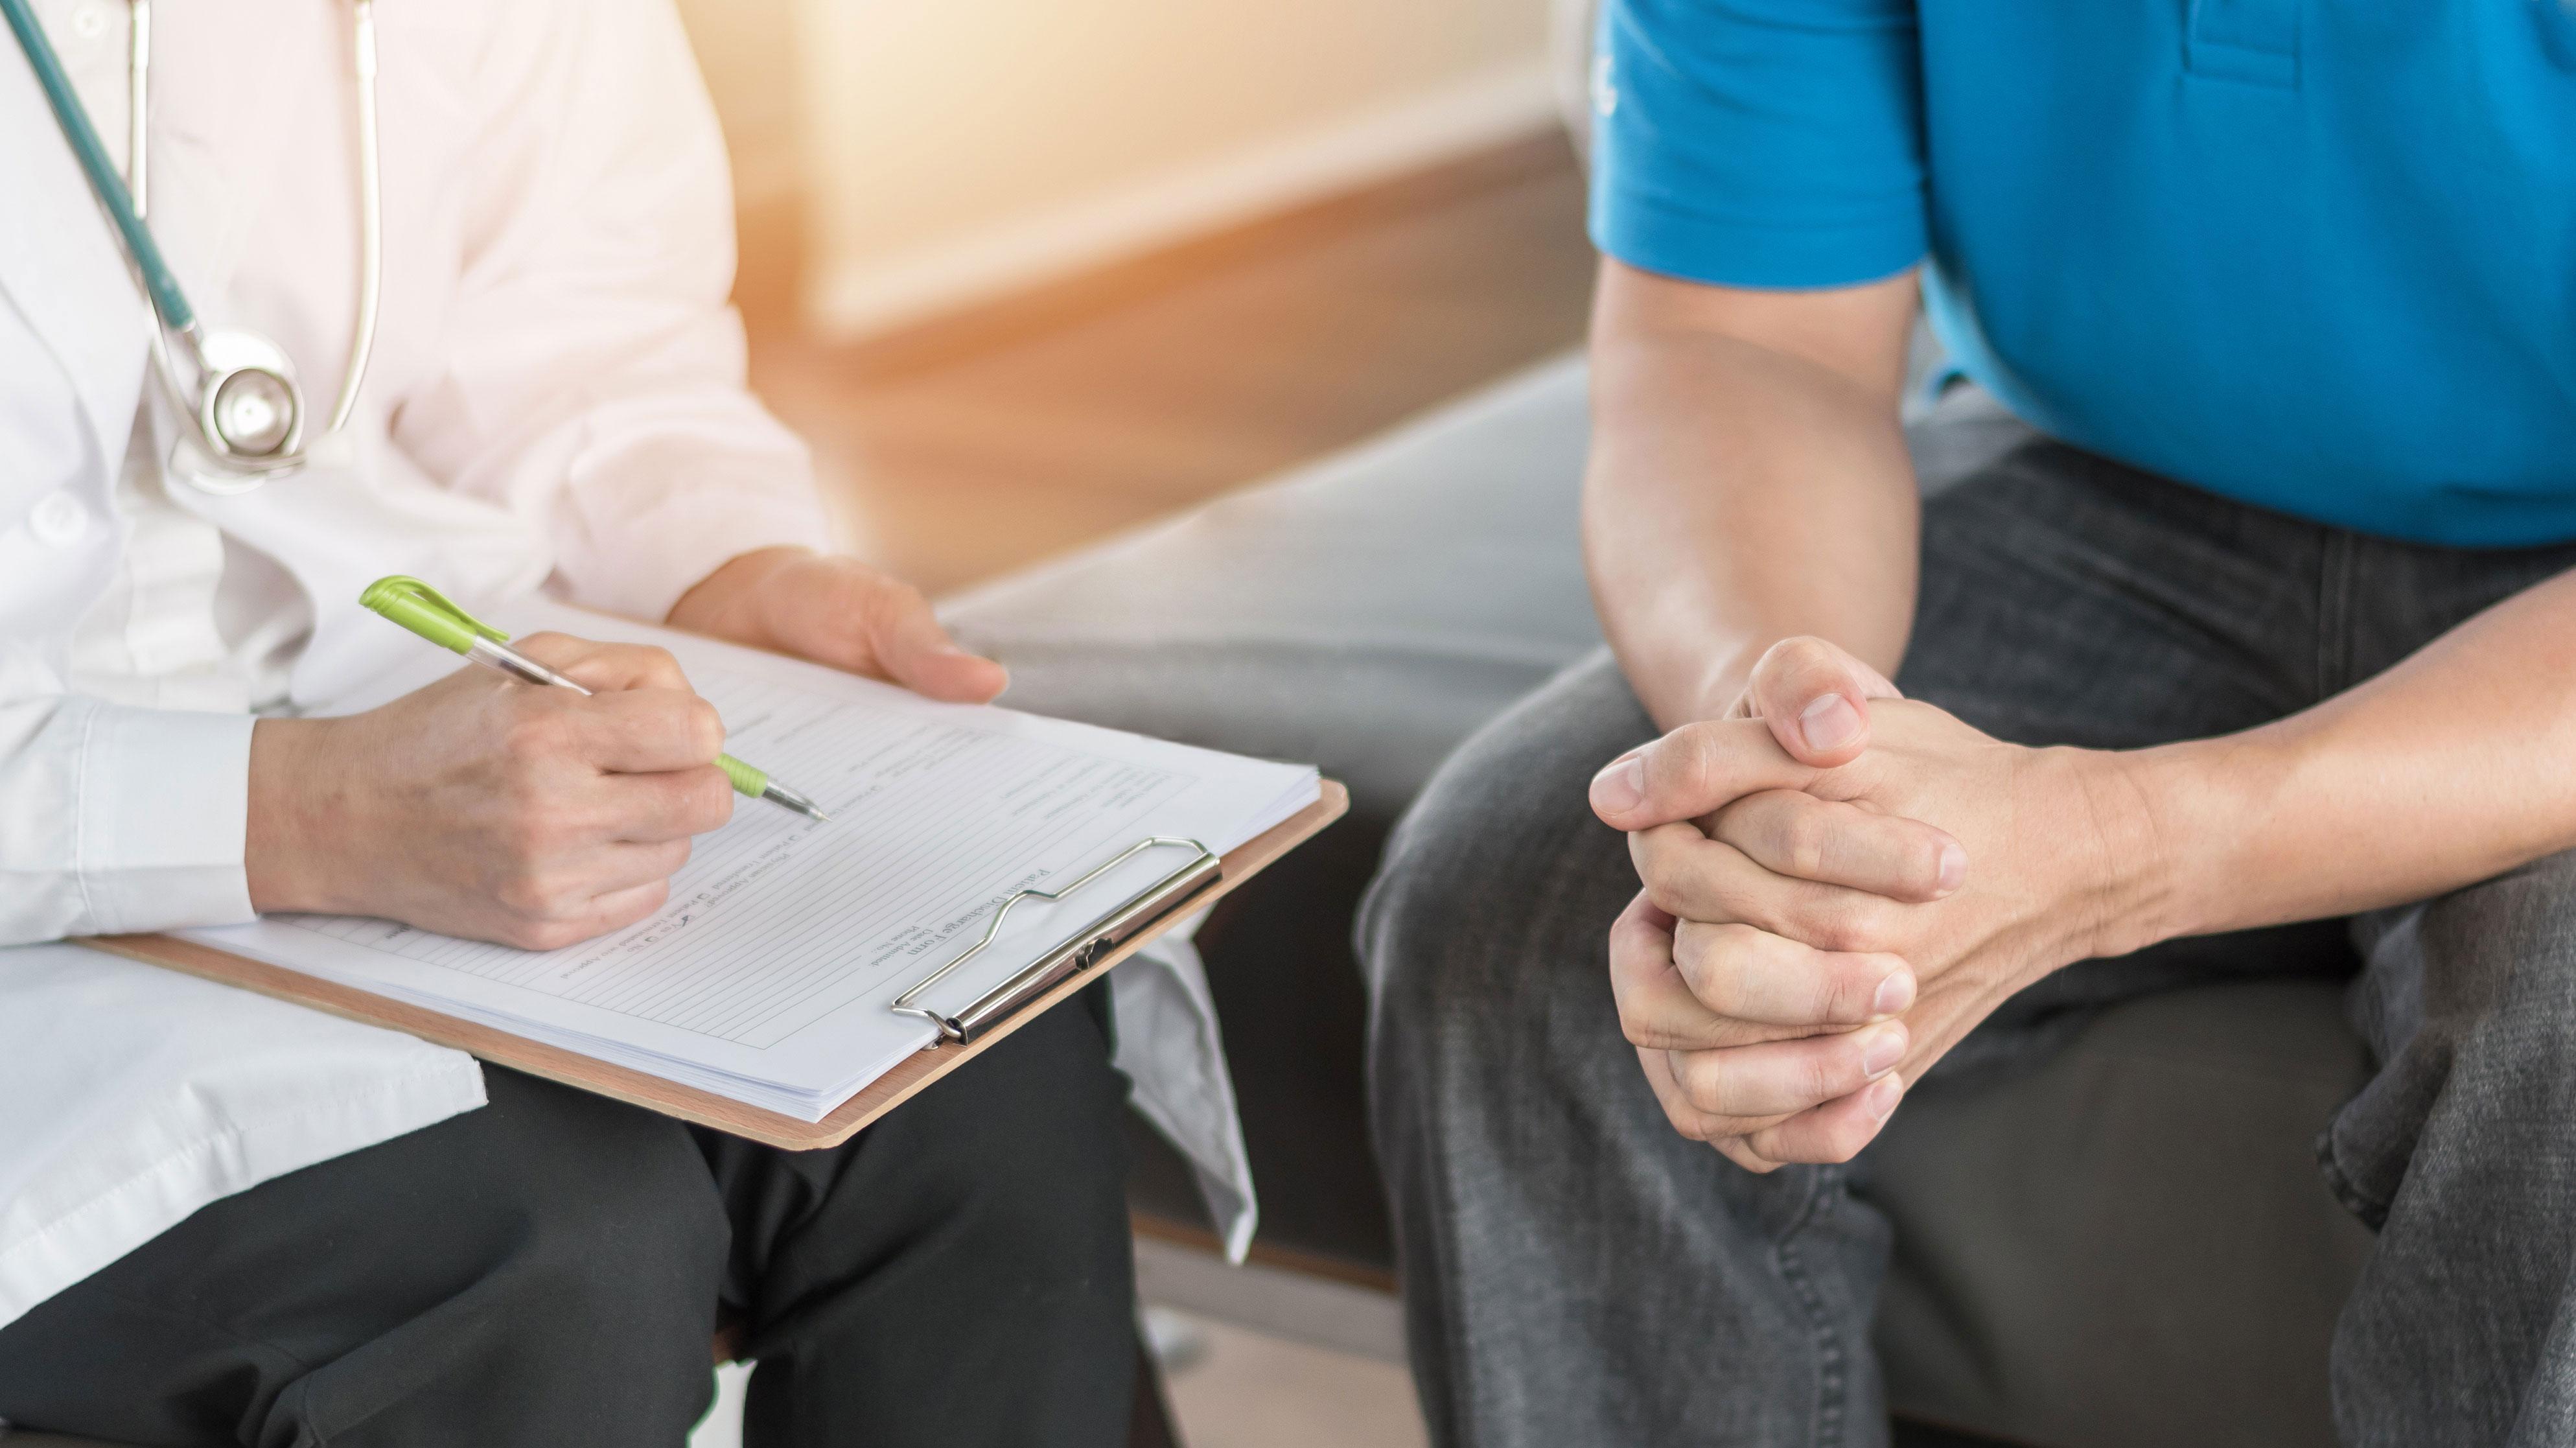 Cáncer de próstata al alza: Especialista recalca la importancia de detectar a tiempo la enfermedad